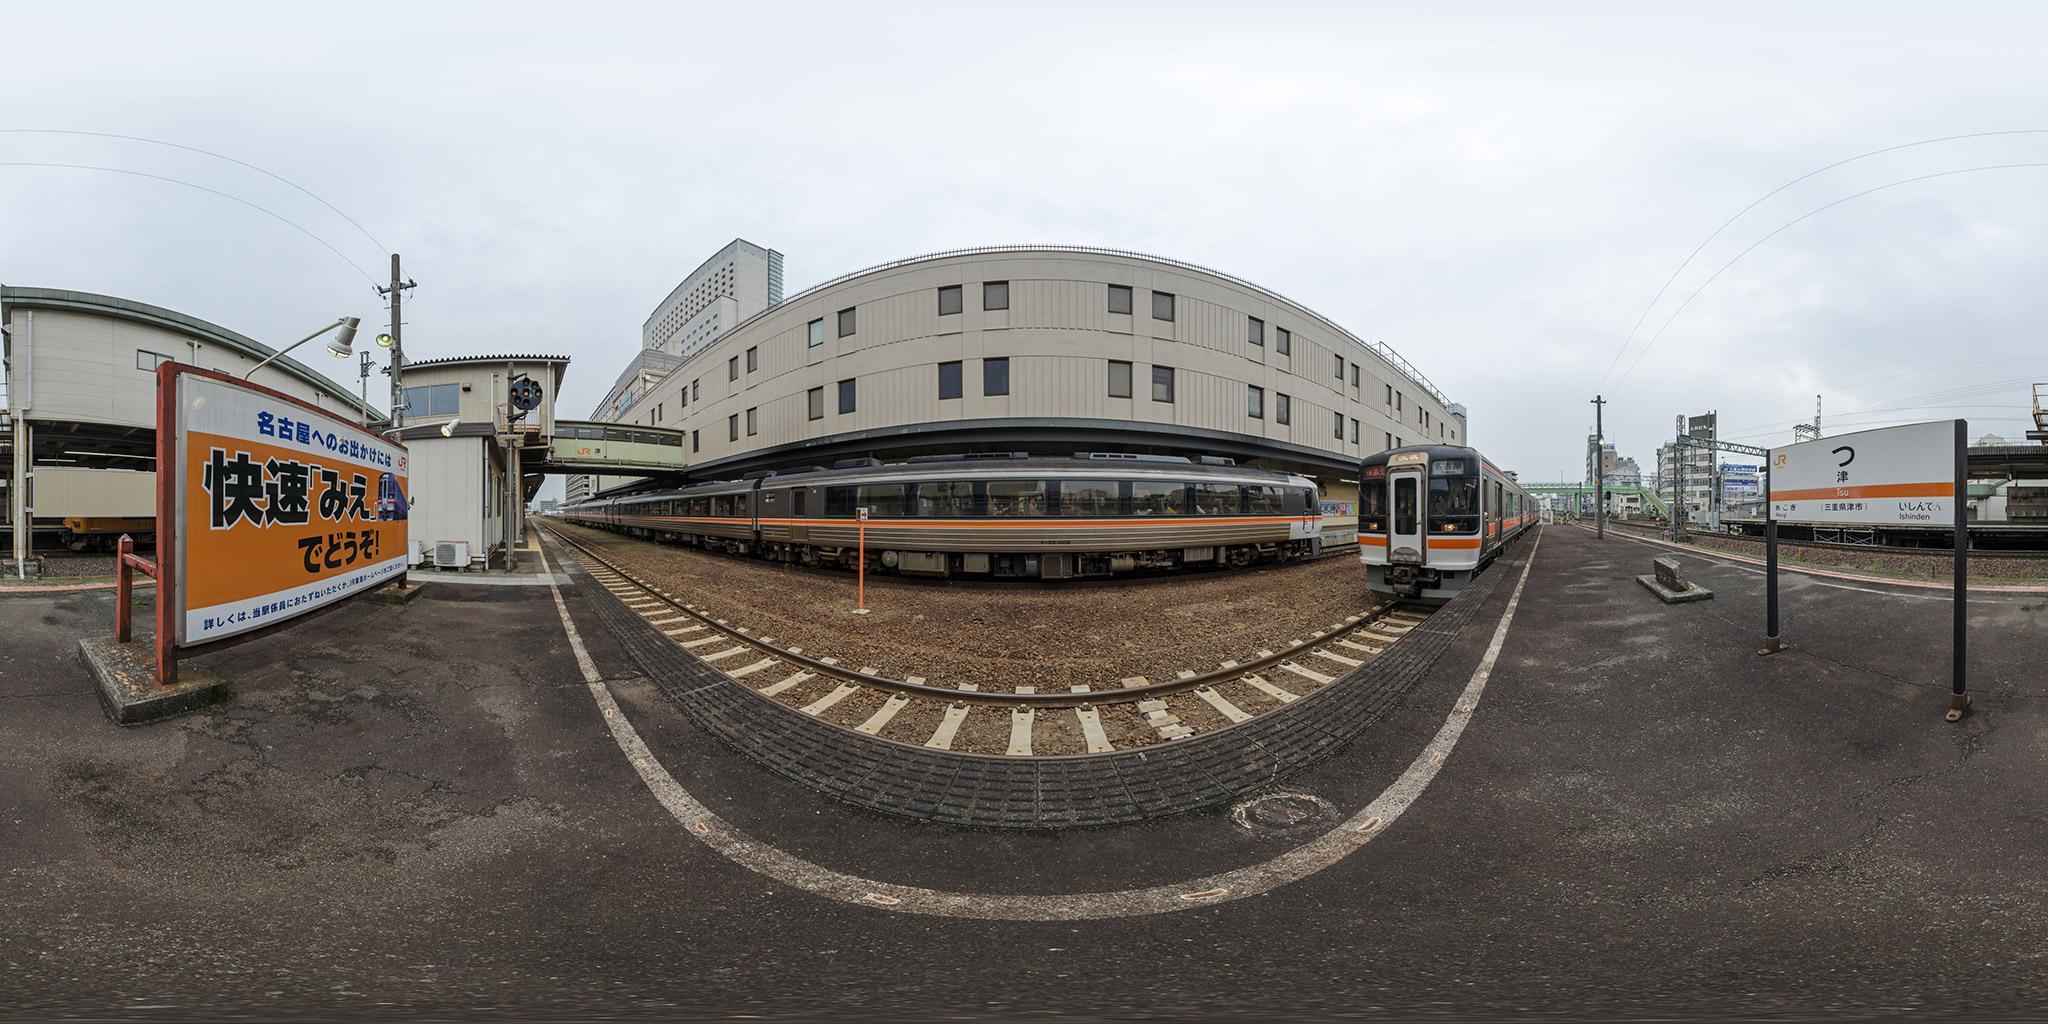 津駅で交換する「ワイドビュー南紀」と「みえ」